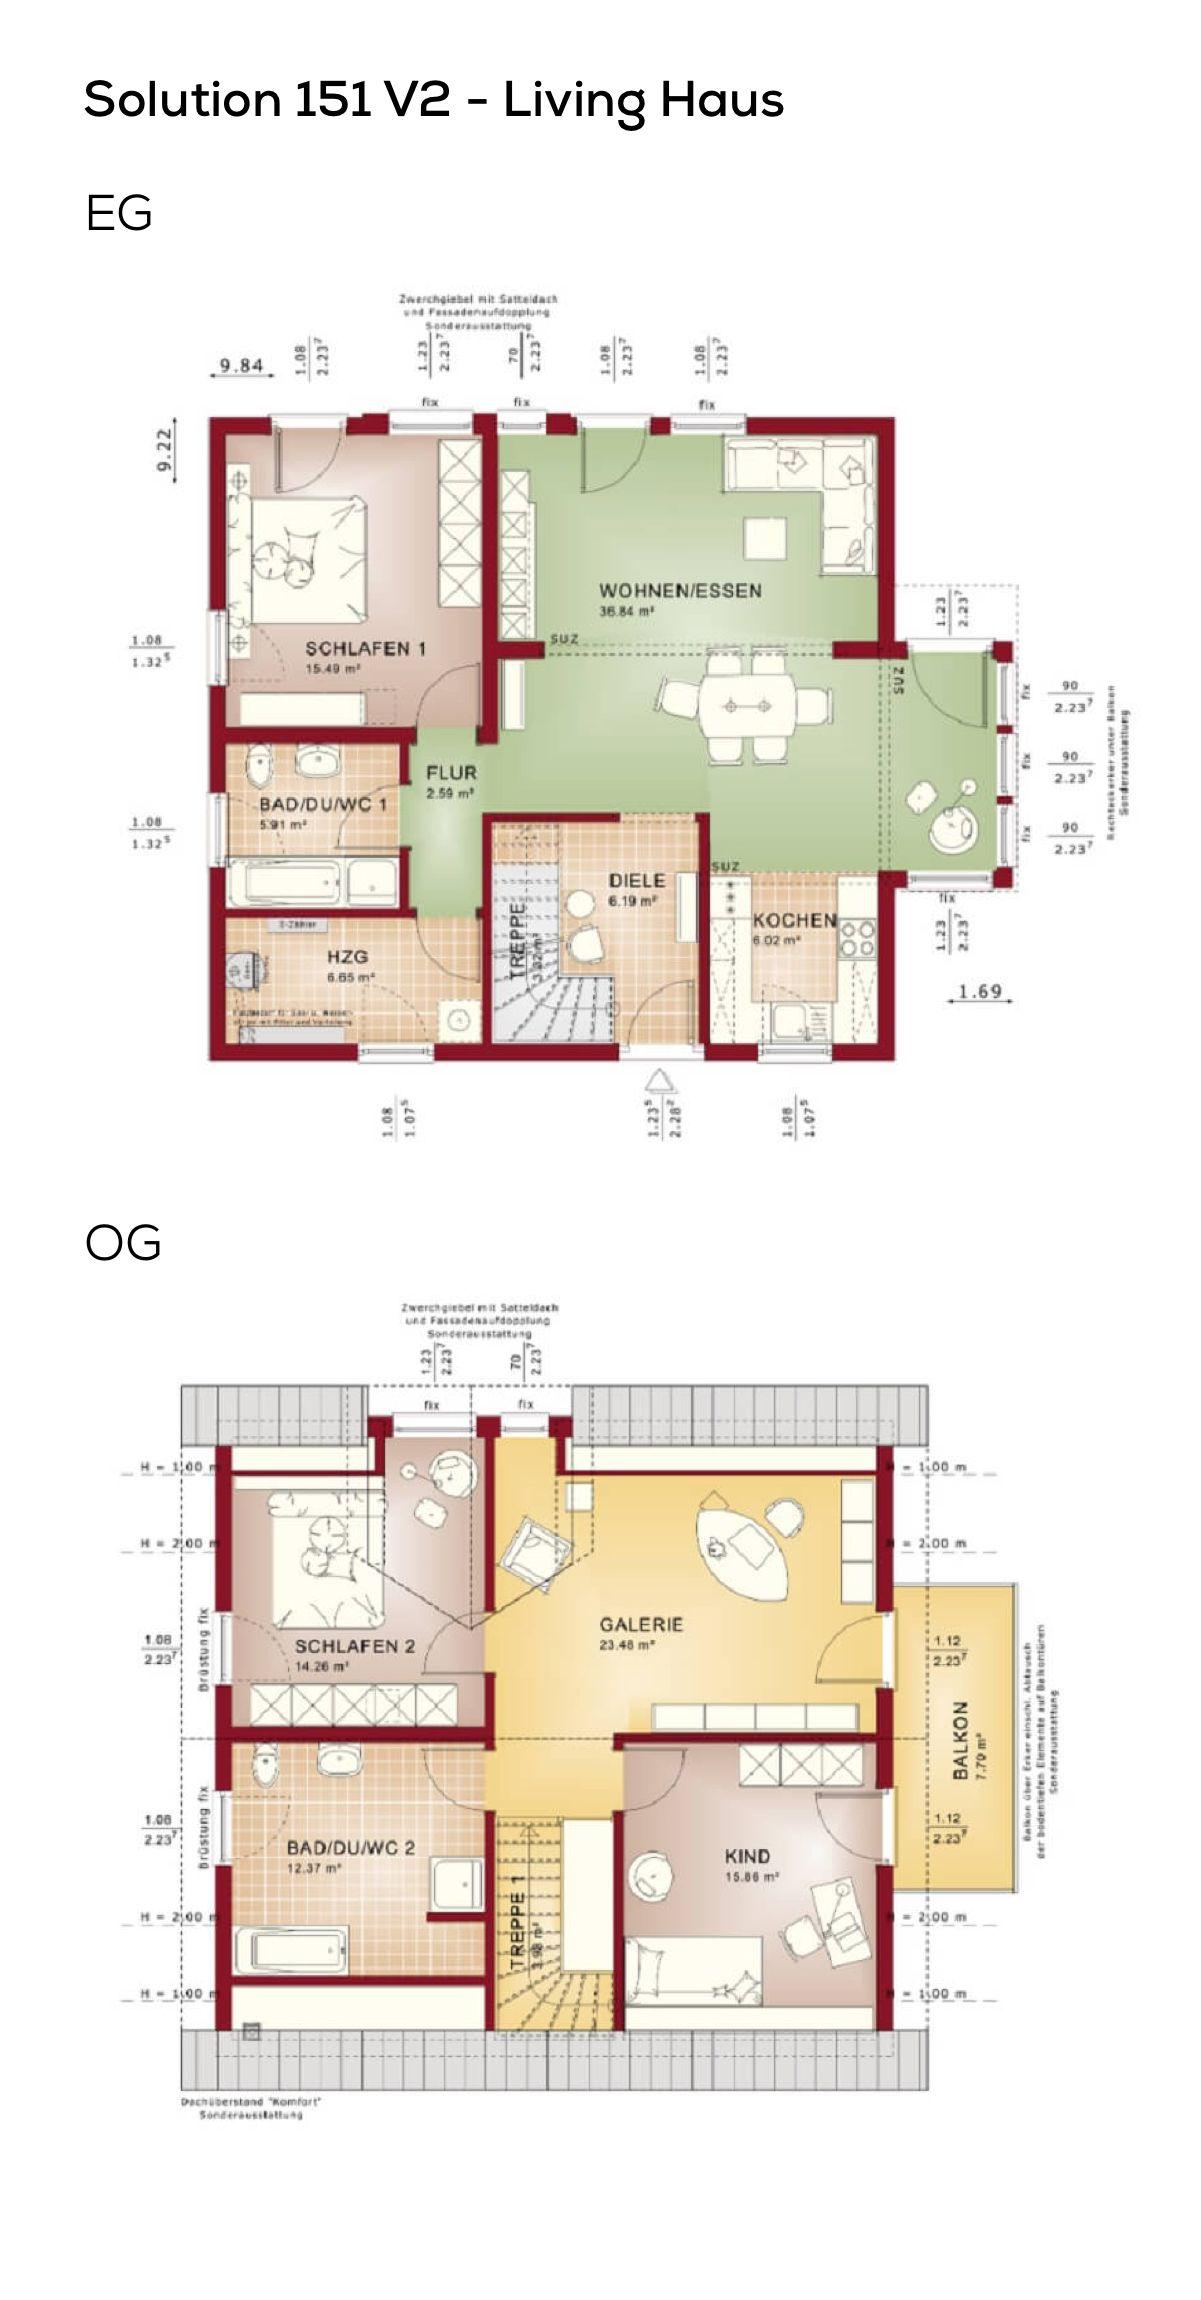 Grundriss einfamilienhaus mit galerie 5 zimmer for Grundriss einfamilienhaus erdgeschoss